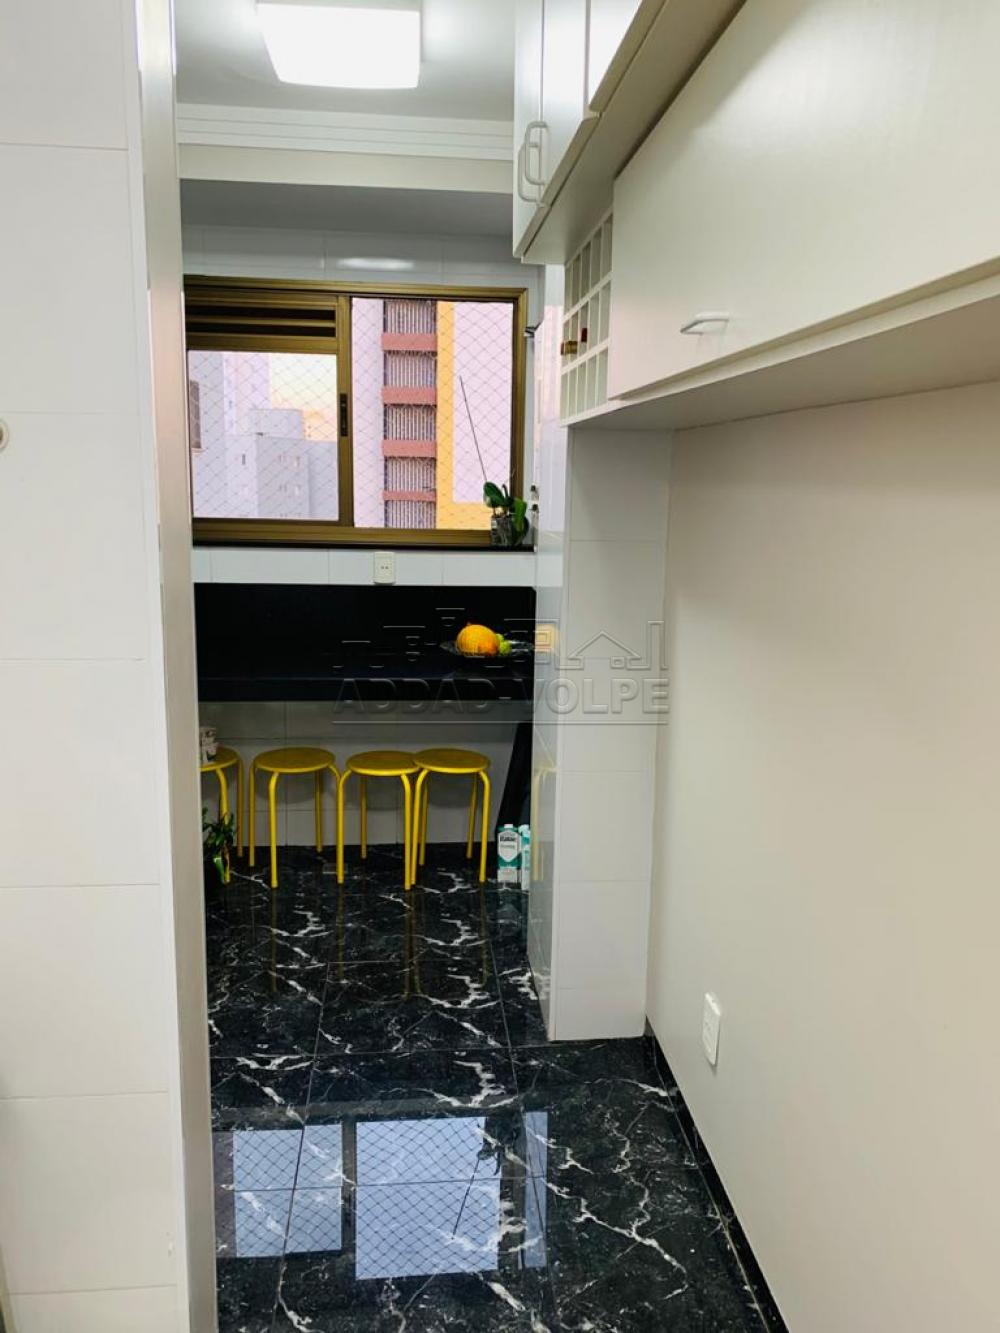 Comprar Apartamento / Padrão em Bauru R$ 480.000,00 - Foto 14